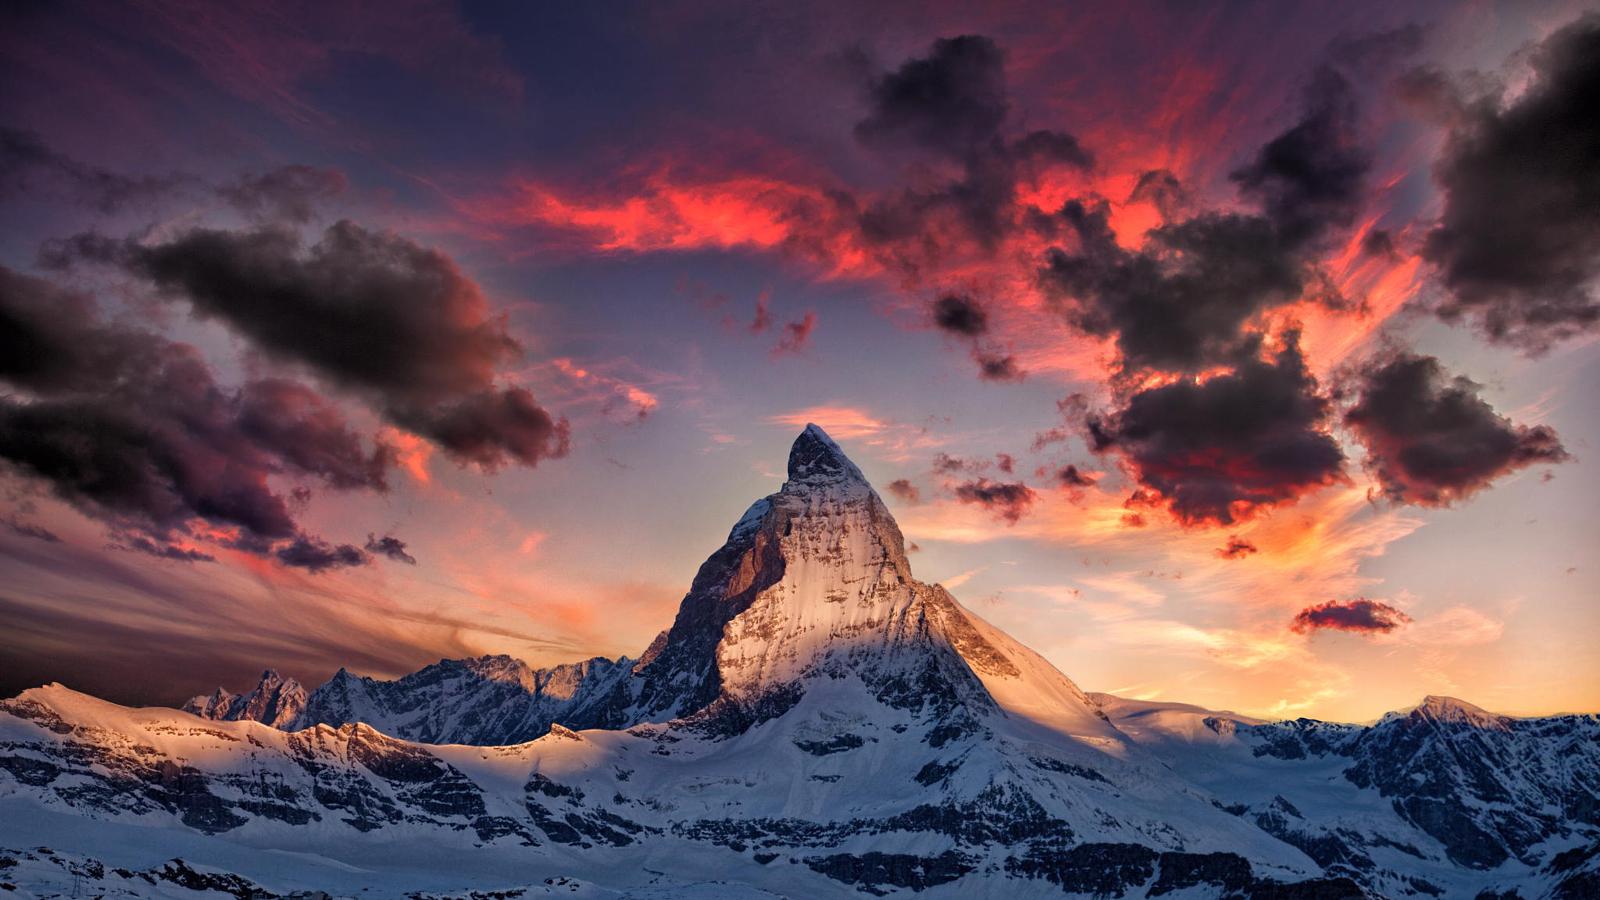 Мир казино и азартных игр : Обзор казино Ферст